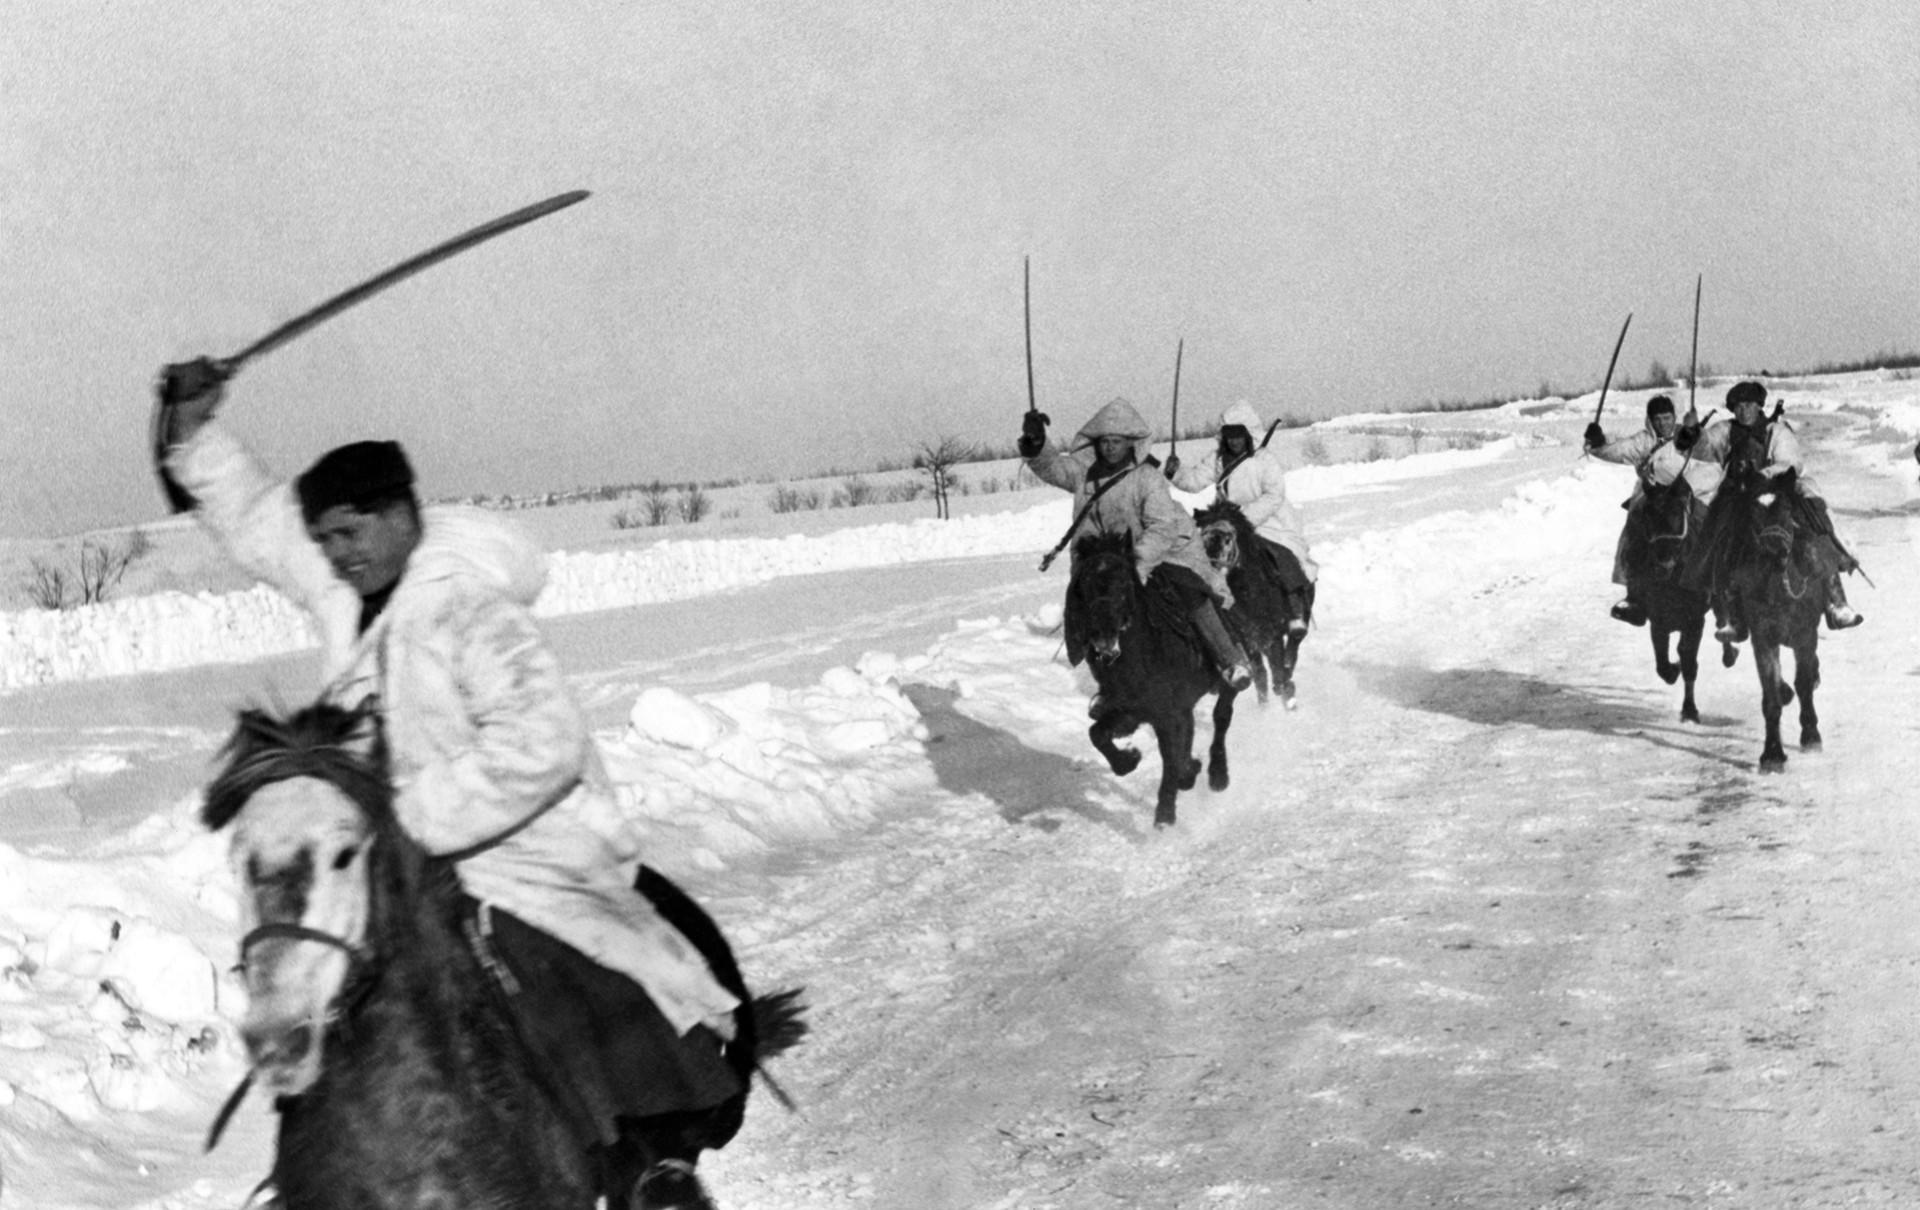 Zahodna fronta v ZSSR, sovjetski konjeniki preganjajo sovražnika